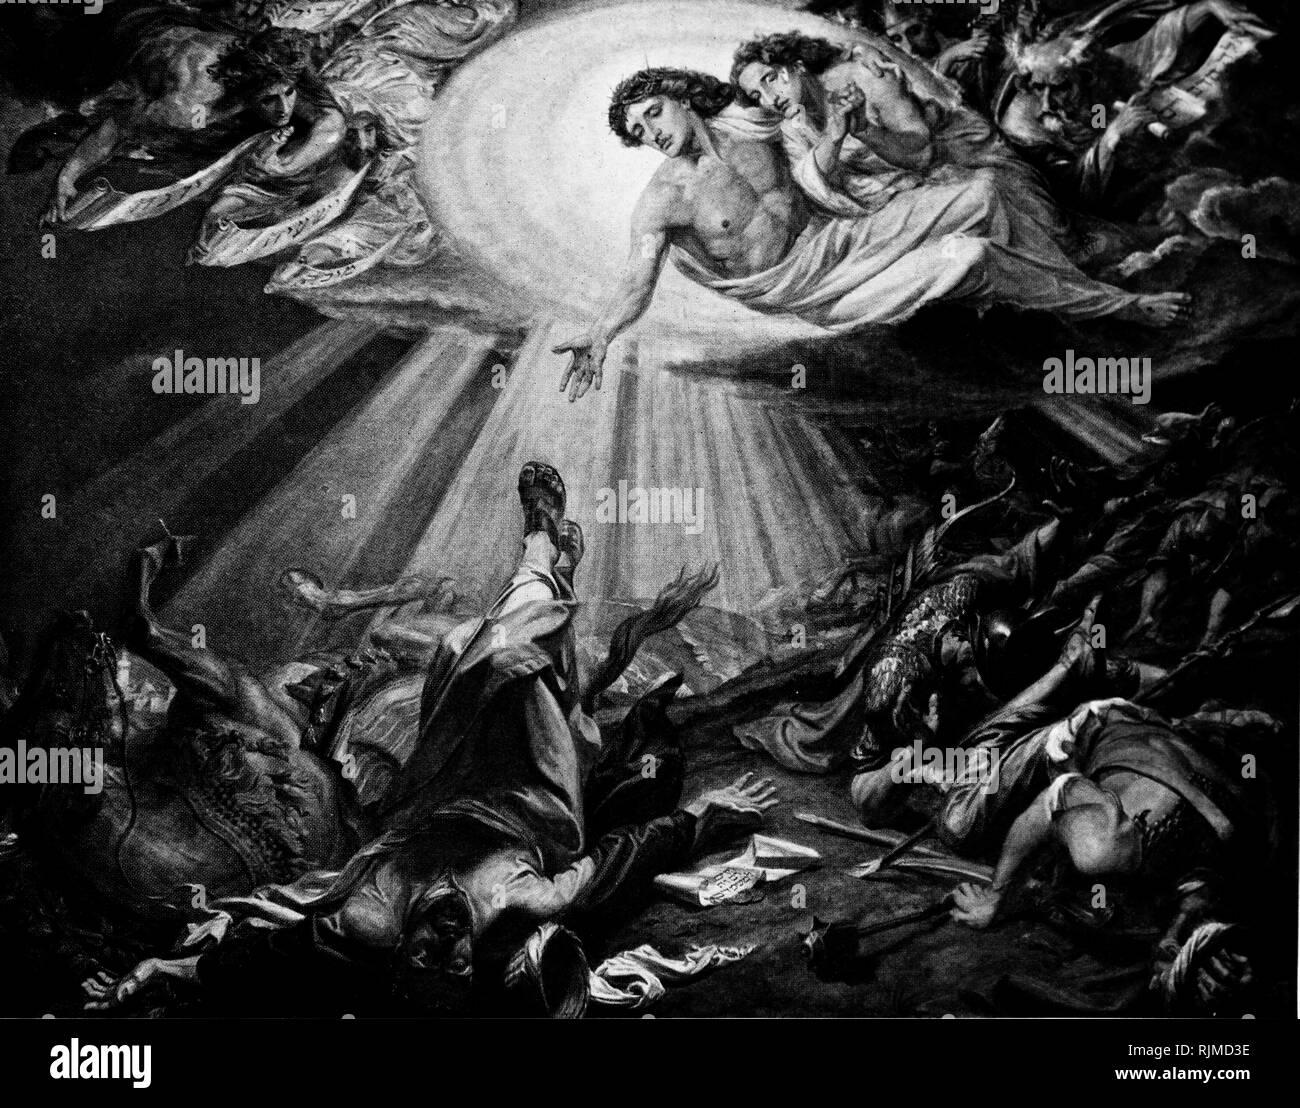 Ilustración que muestra la conversión de Saulo de Tarso (San Pablo en el camino de Damasco). Después de pintar por Federico Shields Imagen De Stock